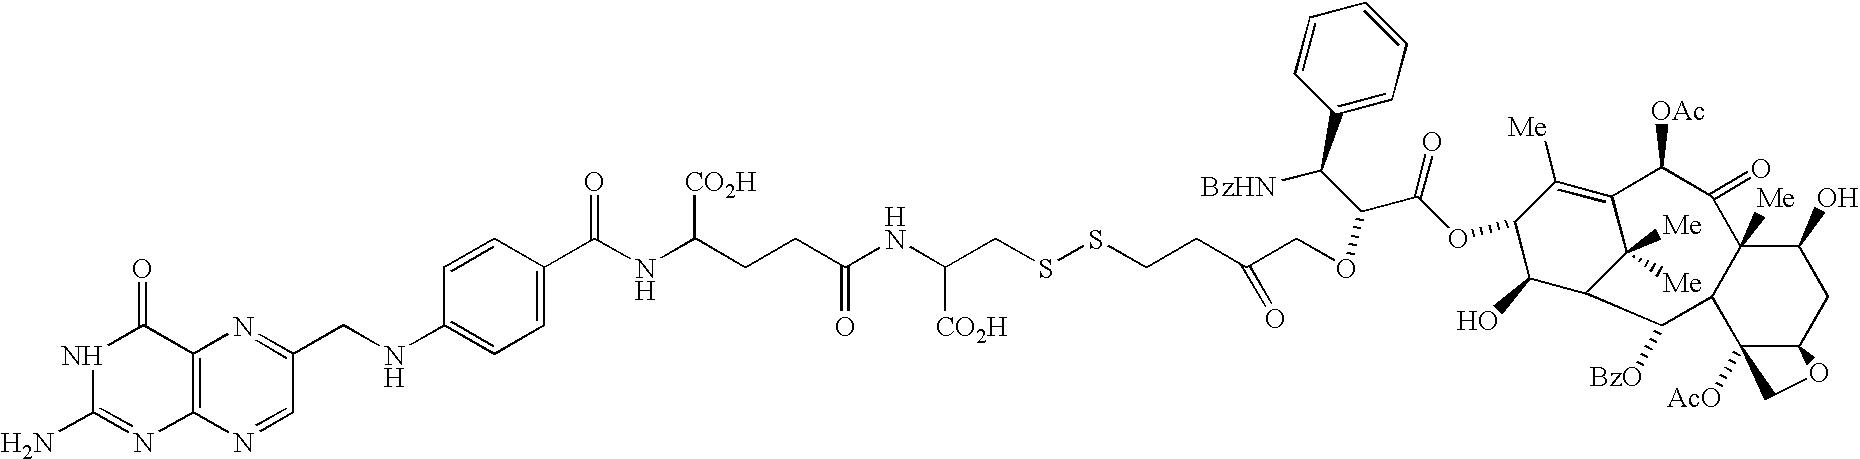 Figure US20100004276A1-20100107-C00163